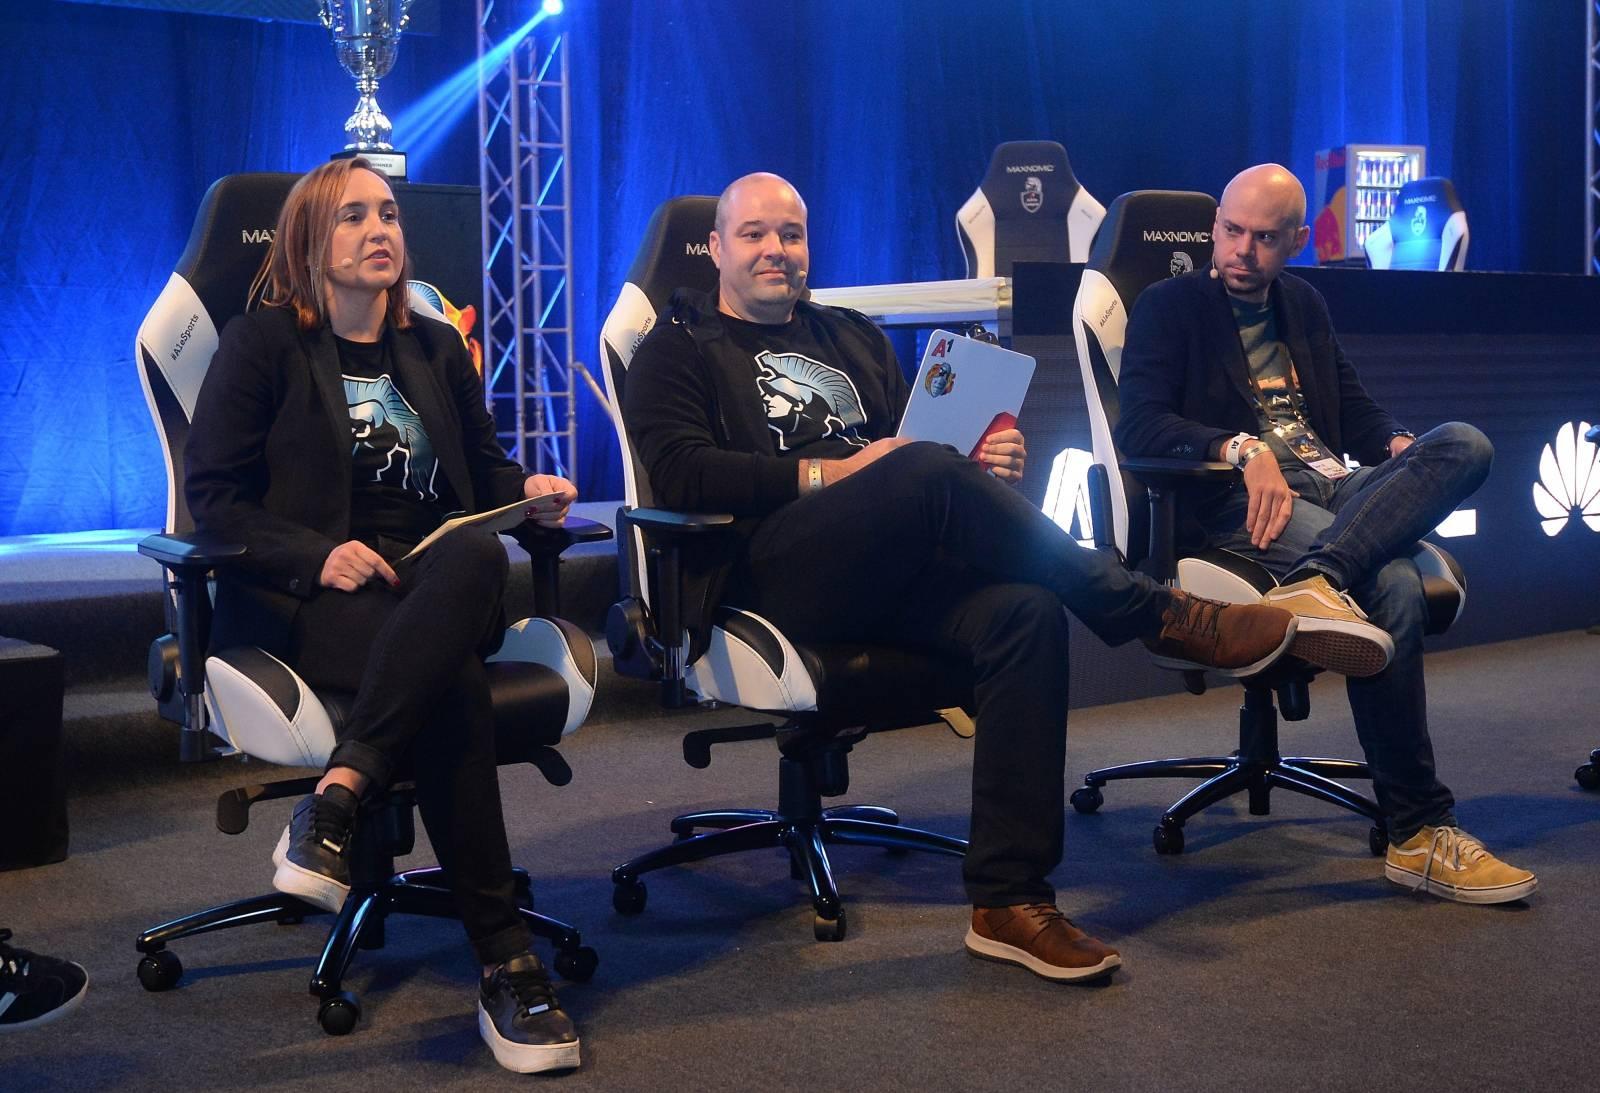 Zagreb: Konferencija za medije Reboot InfoGamer 2019 i A1